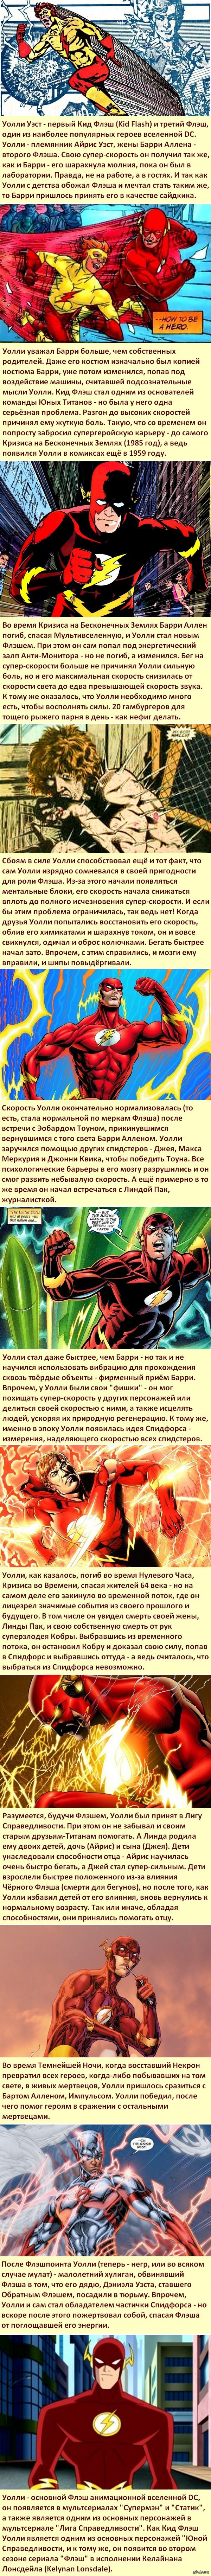 Факты о супергероях: Уолли Уэст Самый быстрый человек на Земле. Ну, один из них.